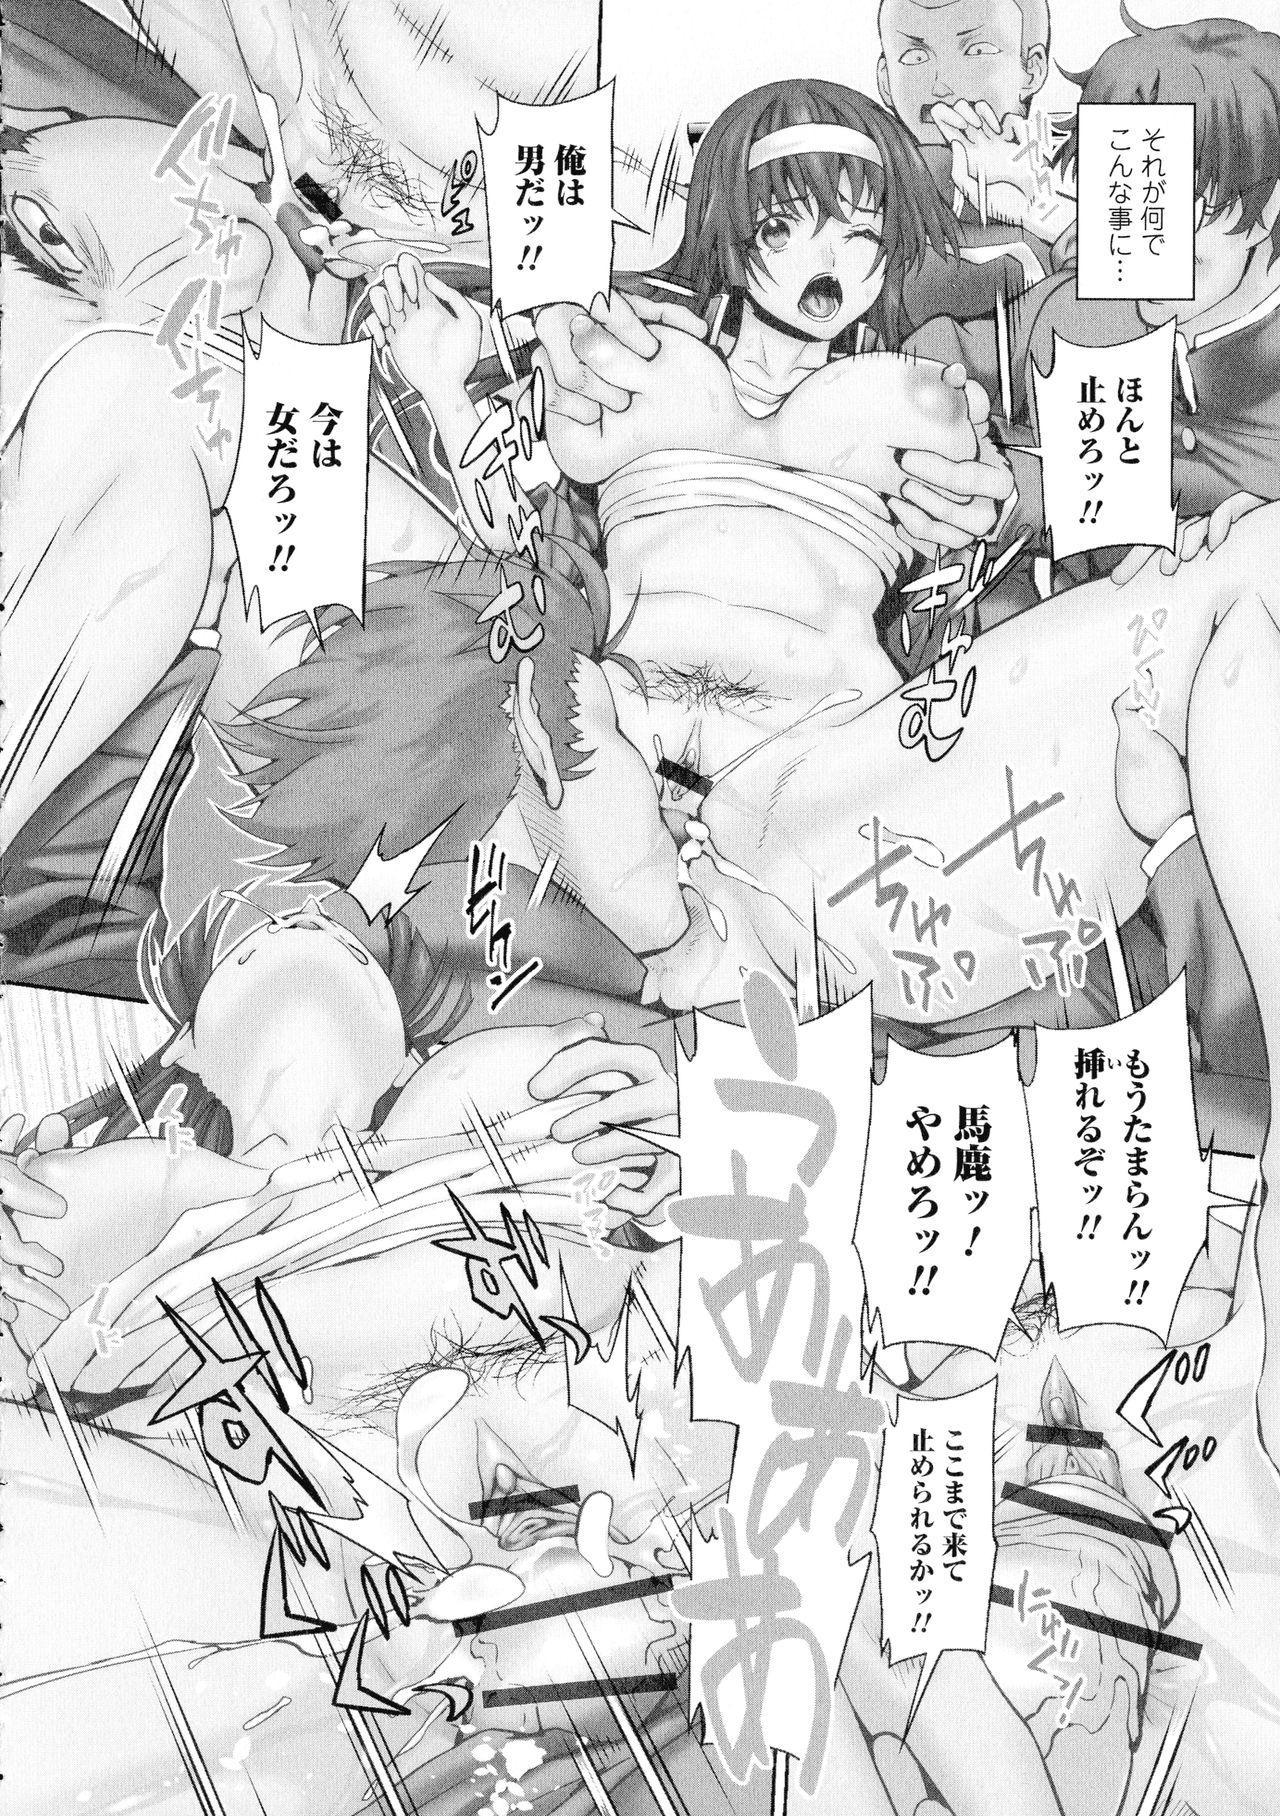 Futanari Tsunagari - Androgynos Sexual intercourse 98